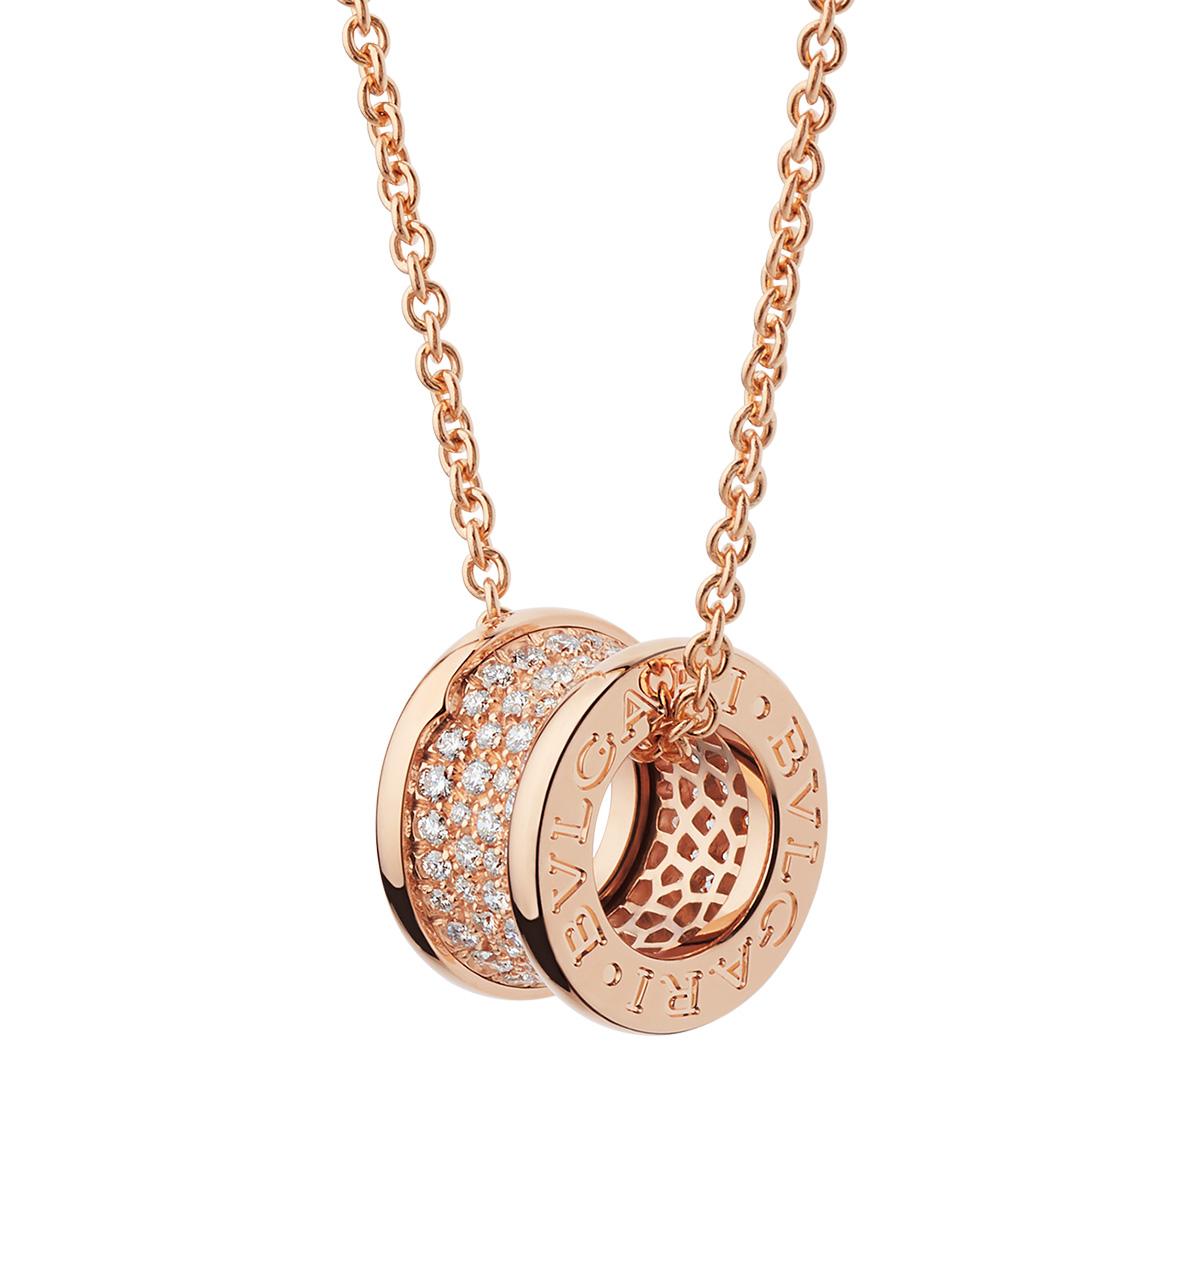 Collar Bulgari B.zero1 con cadena y colgante en oro rosa